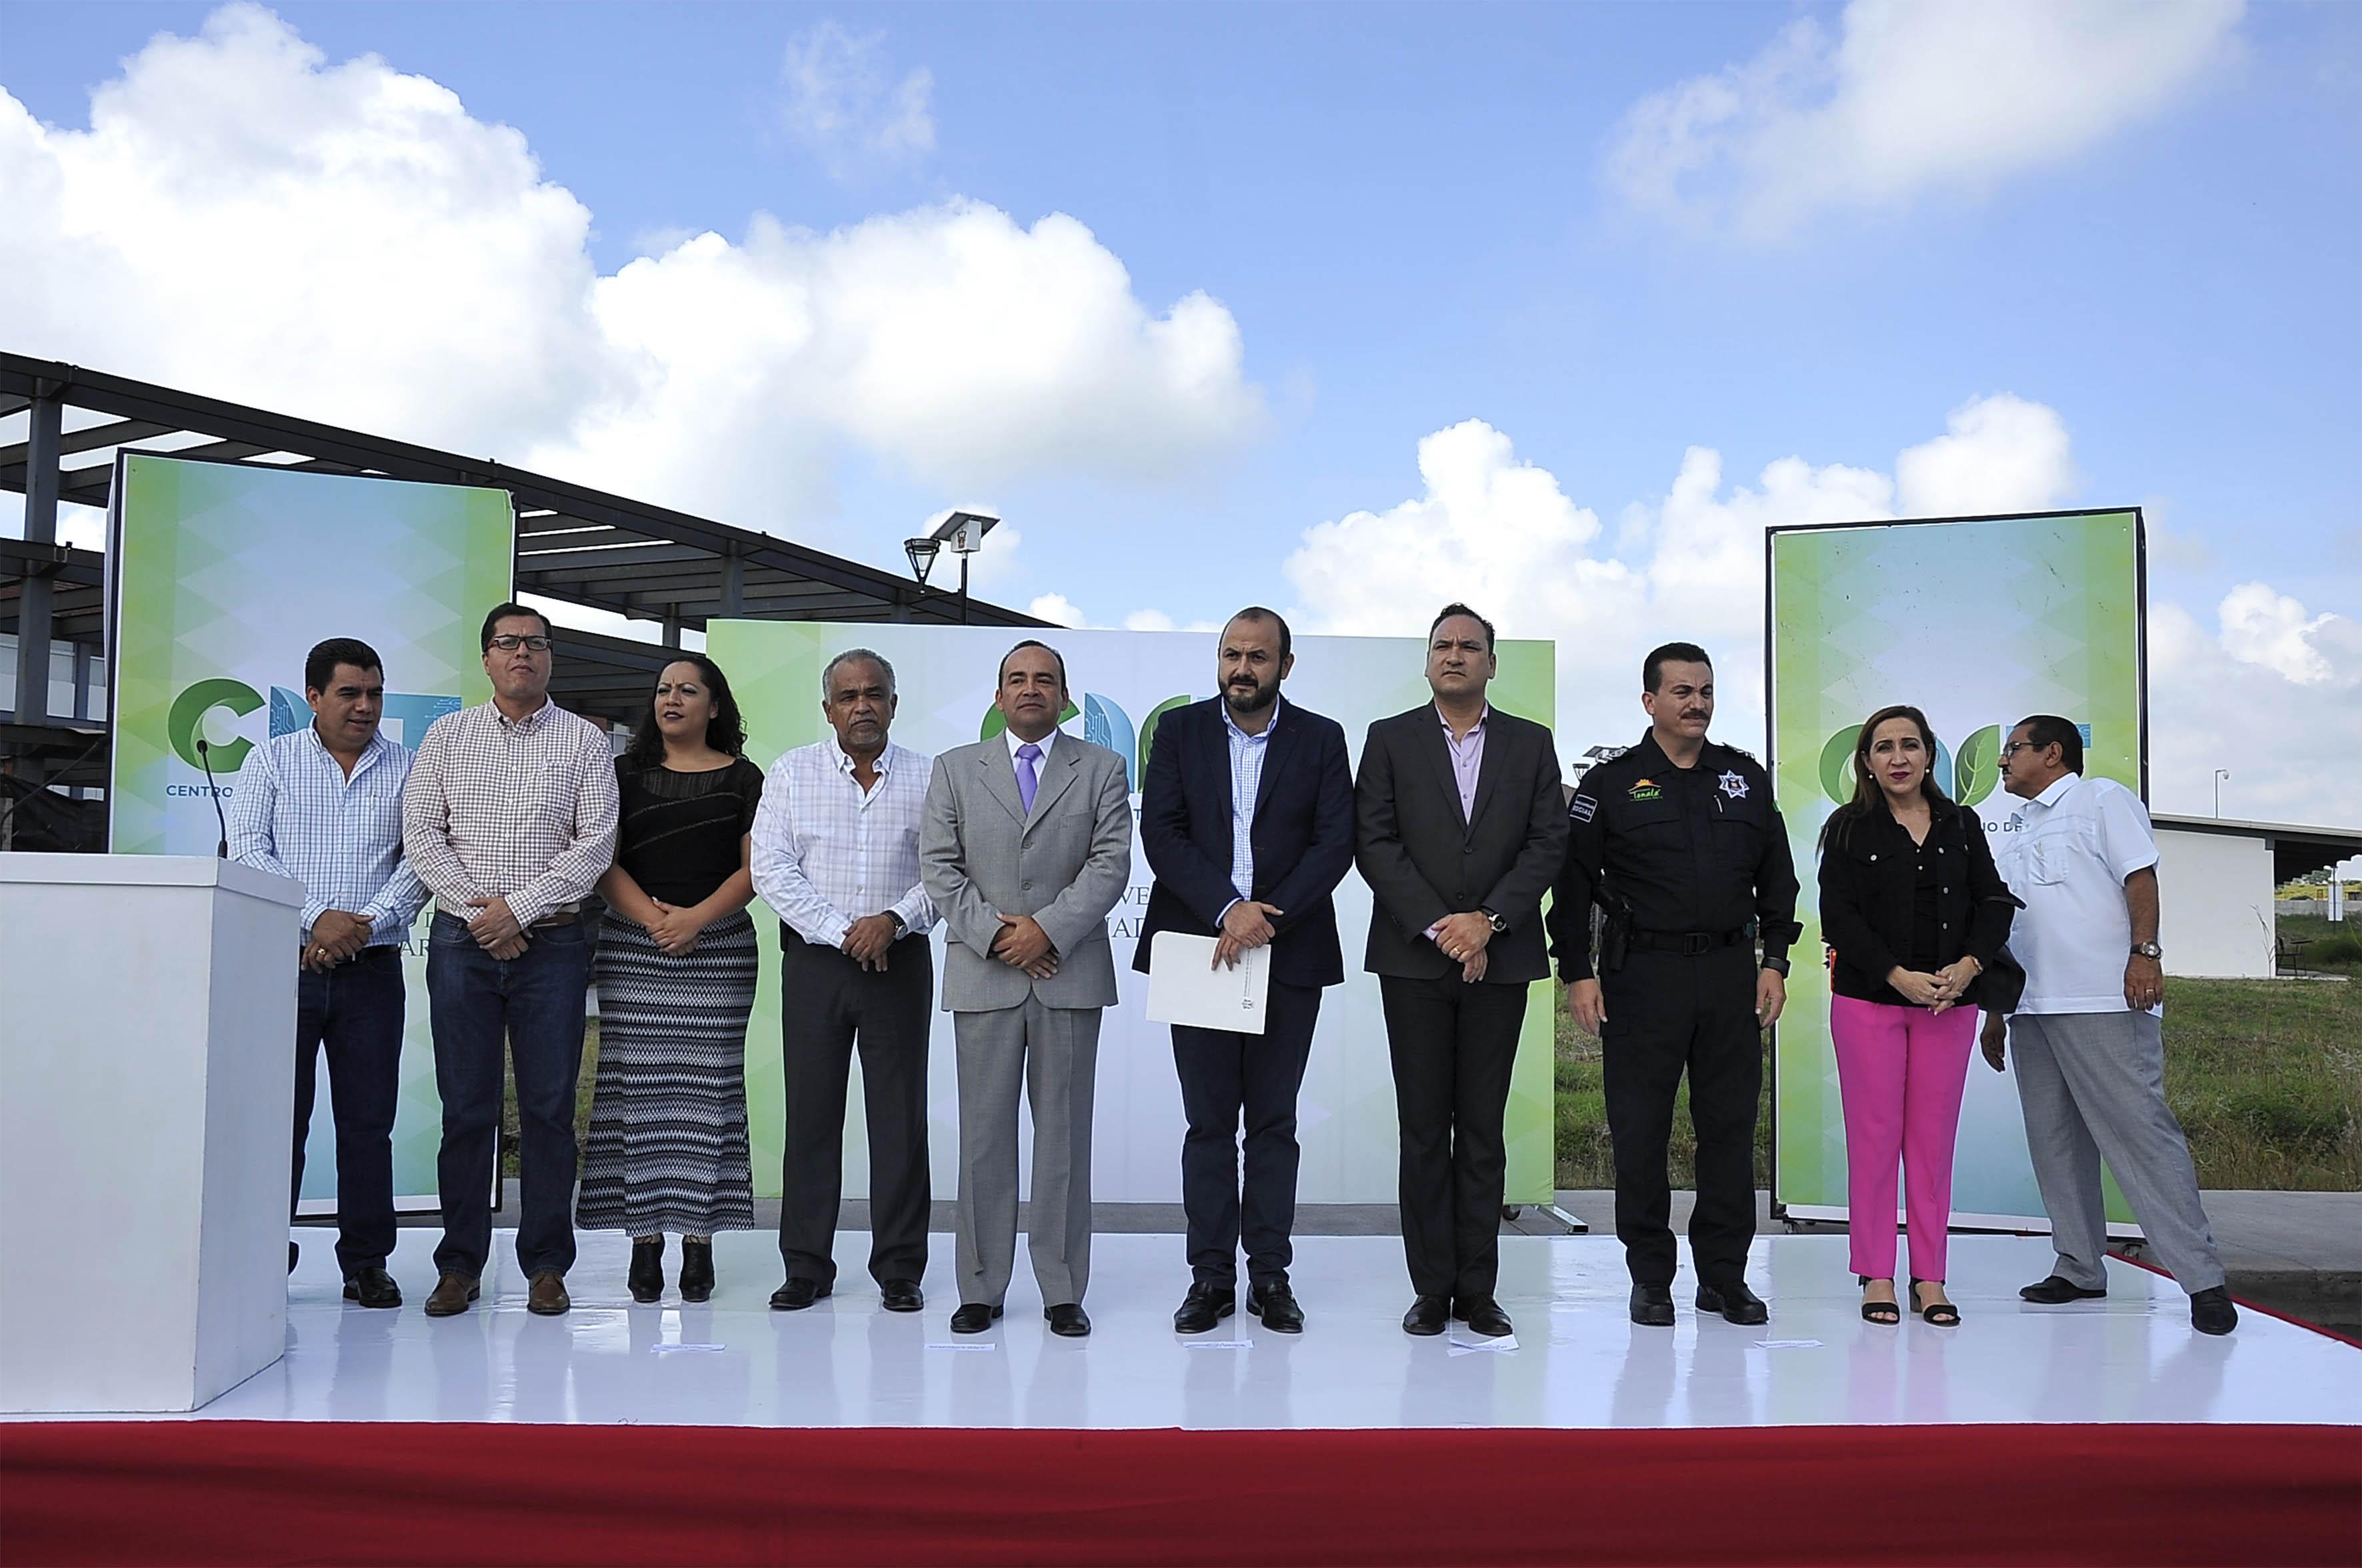 Autoridades del centro universitario, de seguridad universitaria y municipal, presentes en la ceremonia.